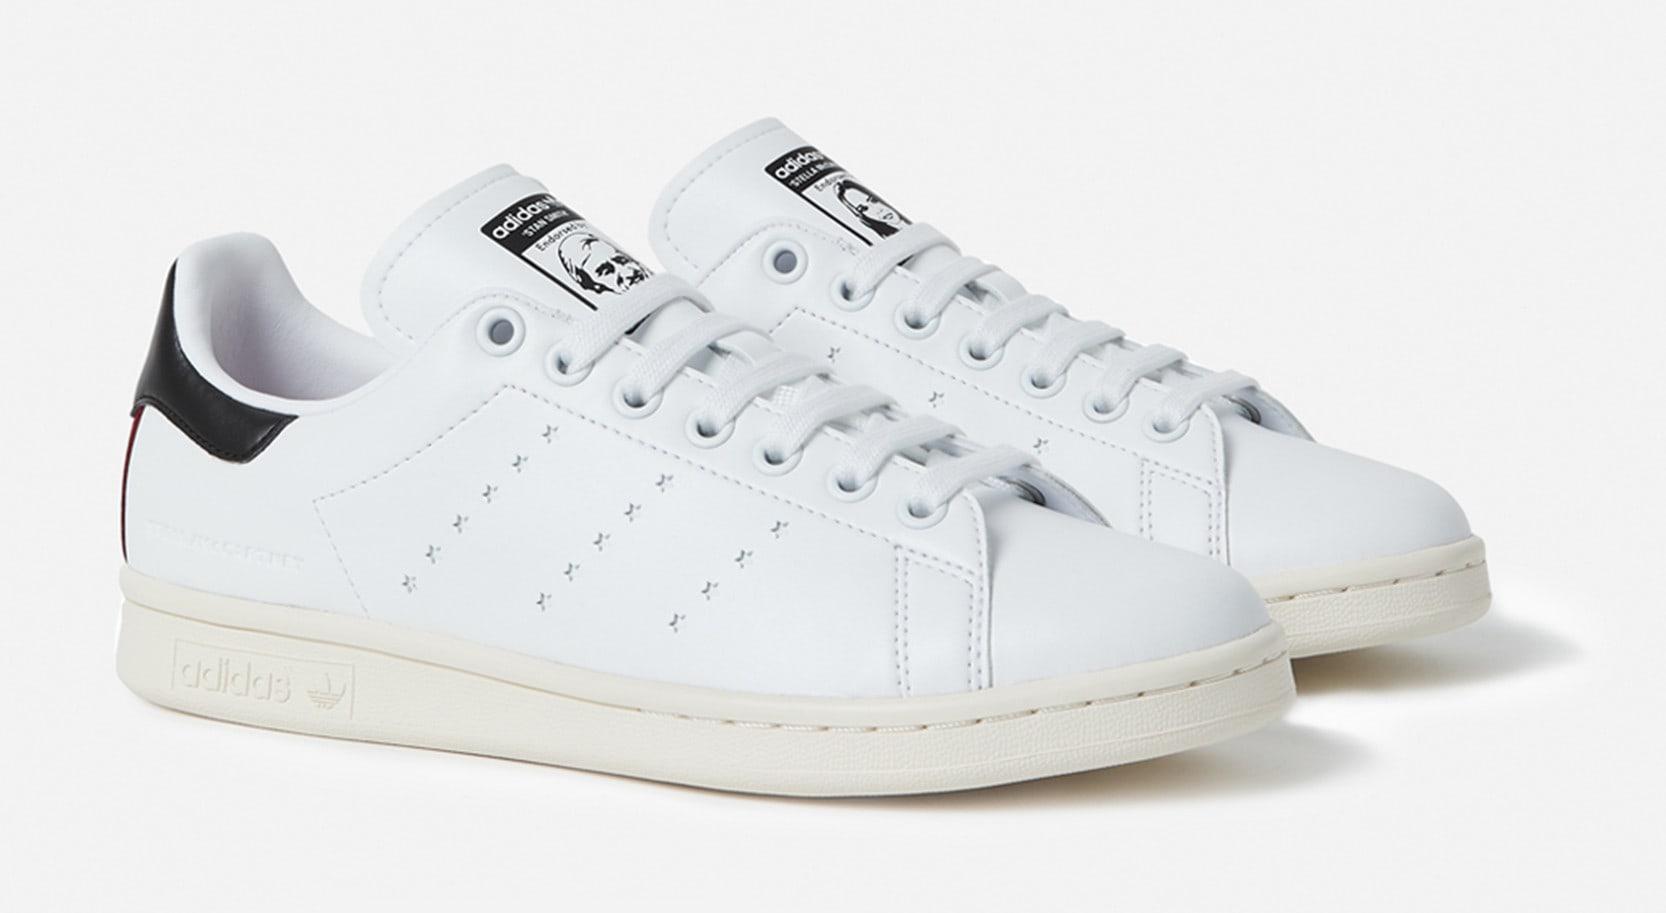 98b7a2f23cd41 sweden adidas stan smith zebra buy online 11b2e 0e011